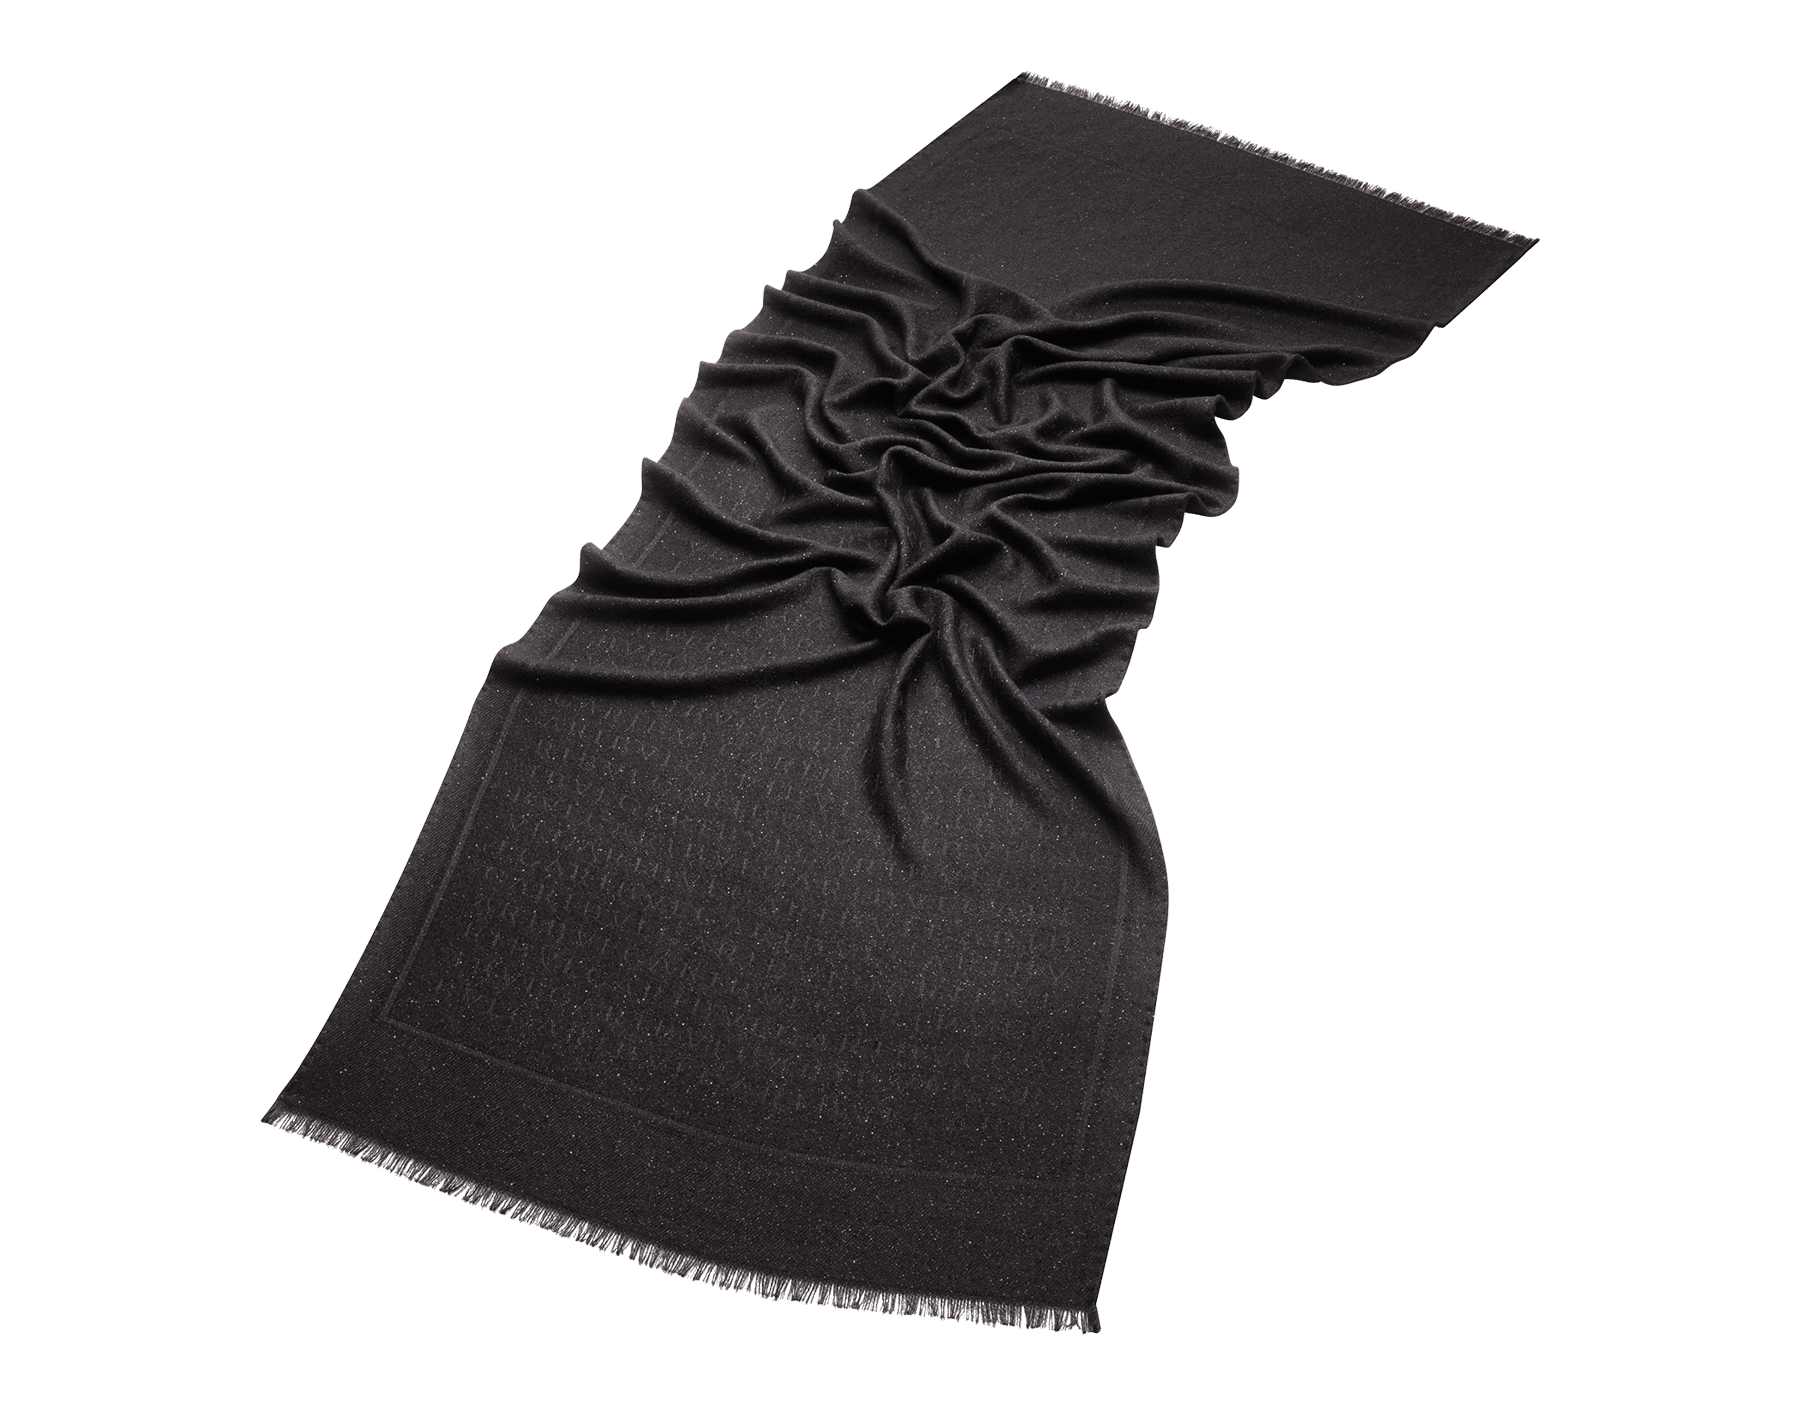 Étole Lettere Paillettes noire en cachemire fin. 243967 image 1